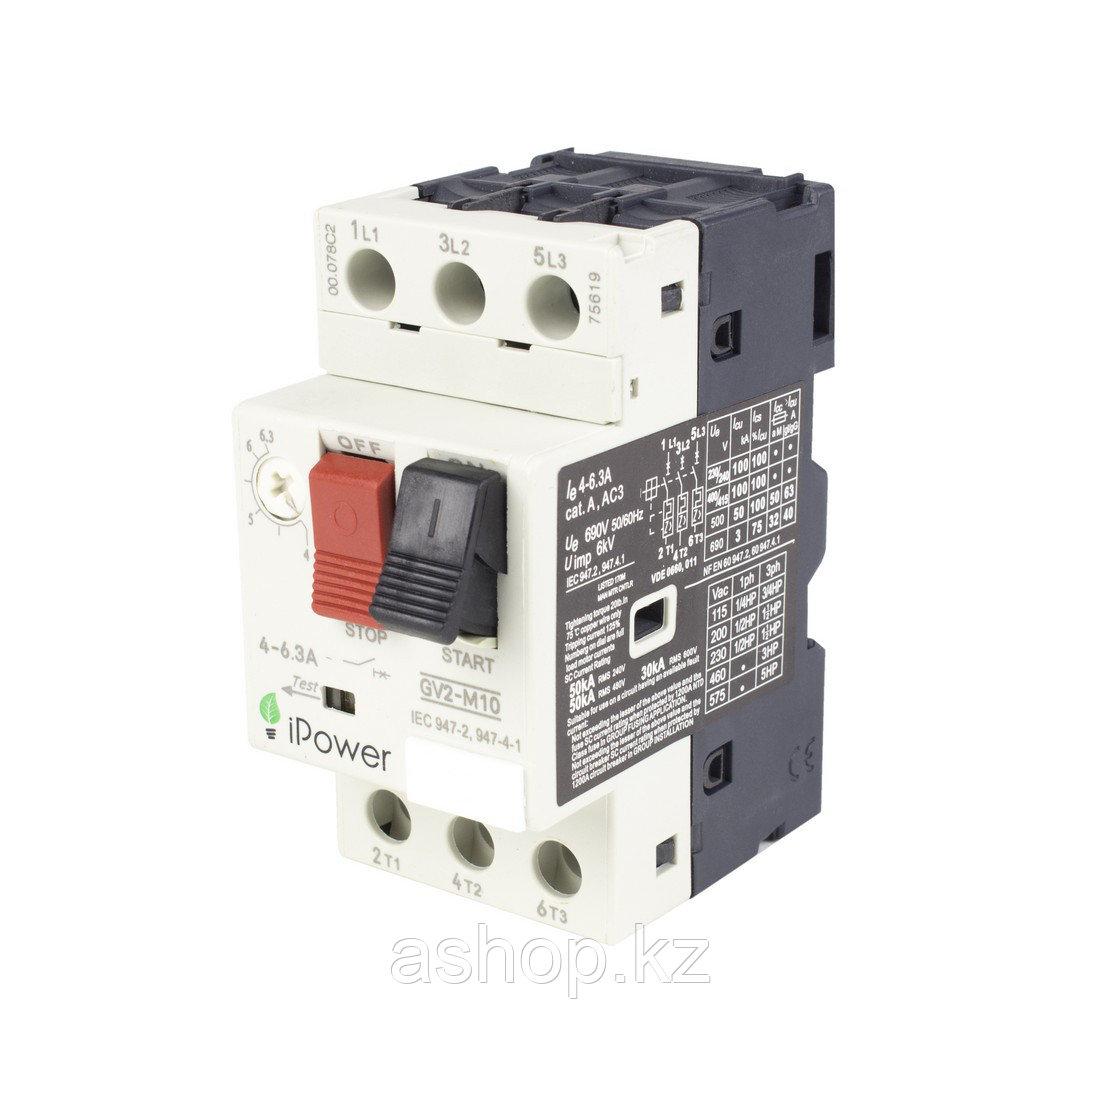 Автомат защиты двигателя реечный iPower GV2-M14 3P 10А, 380 В, Кол-во полюсов: 3, Защита: От перегрузок, корот